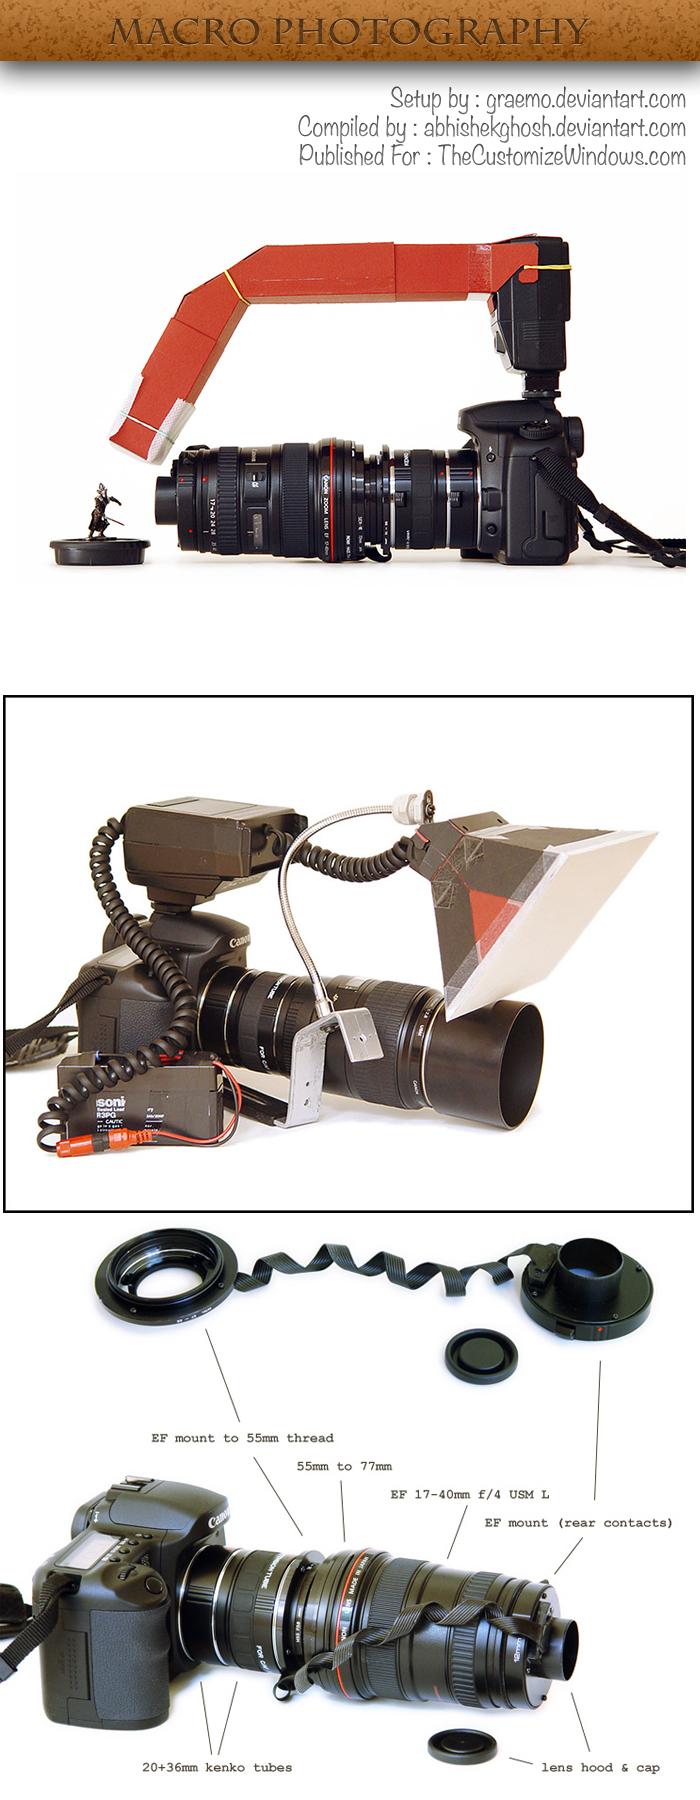 Macro-Photography